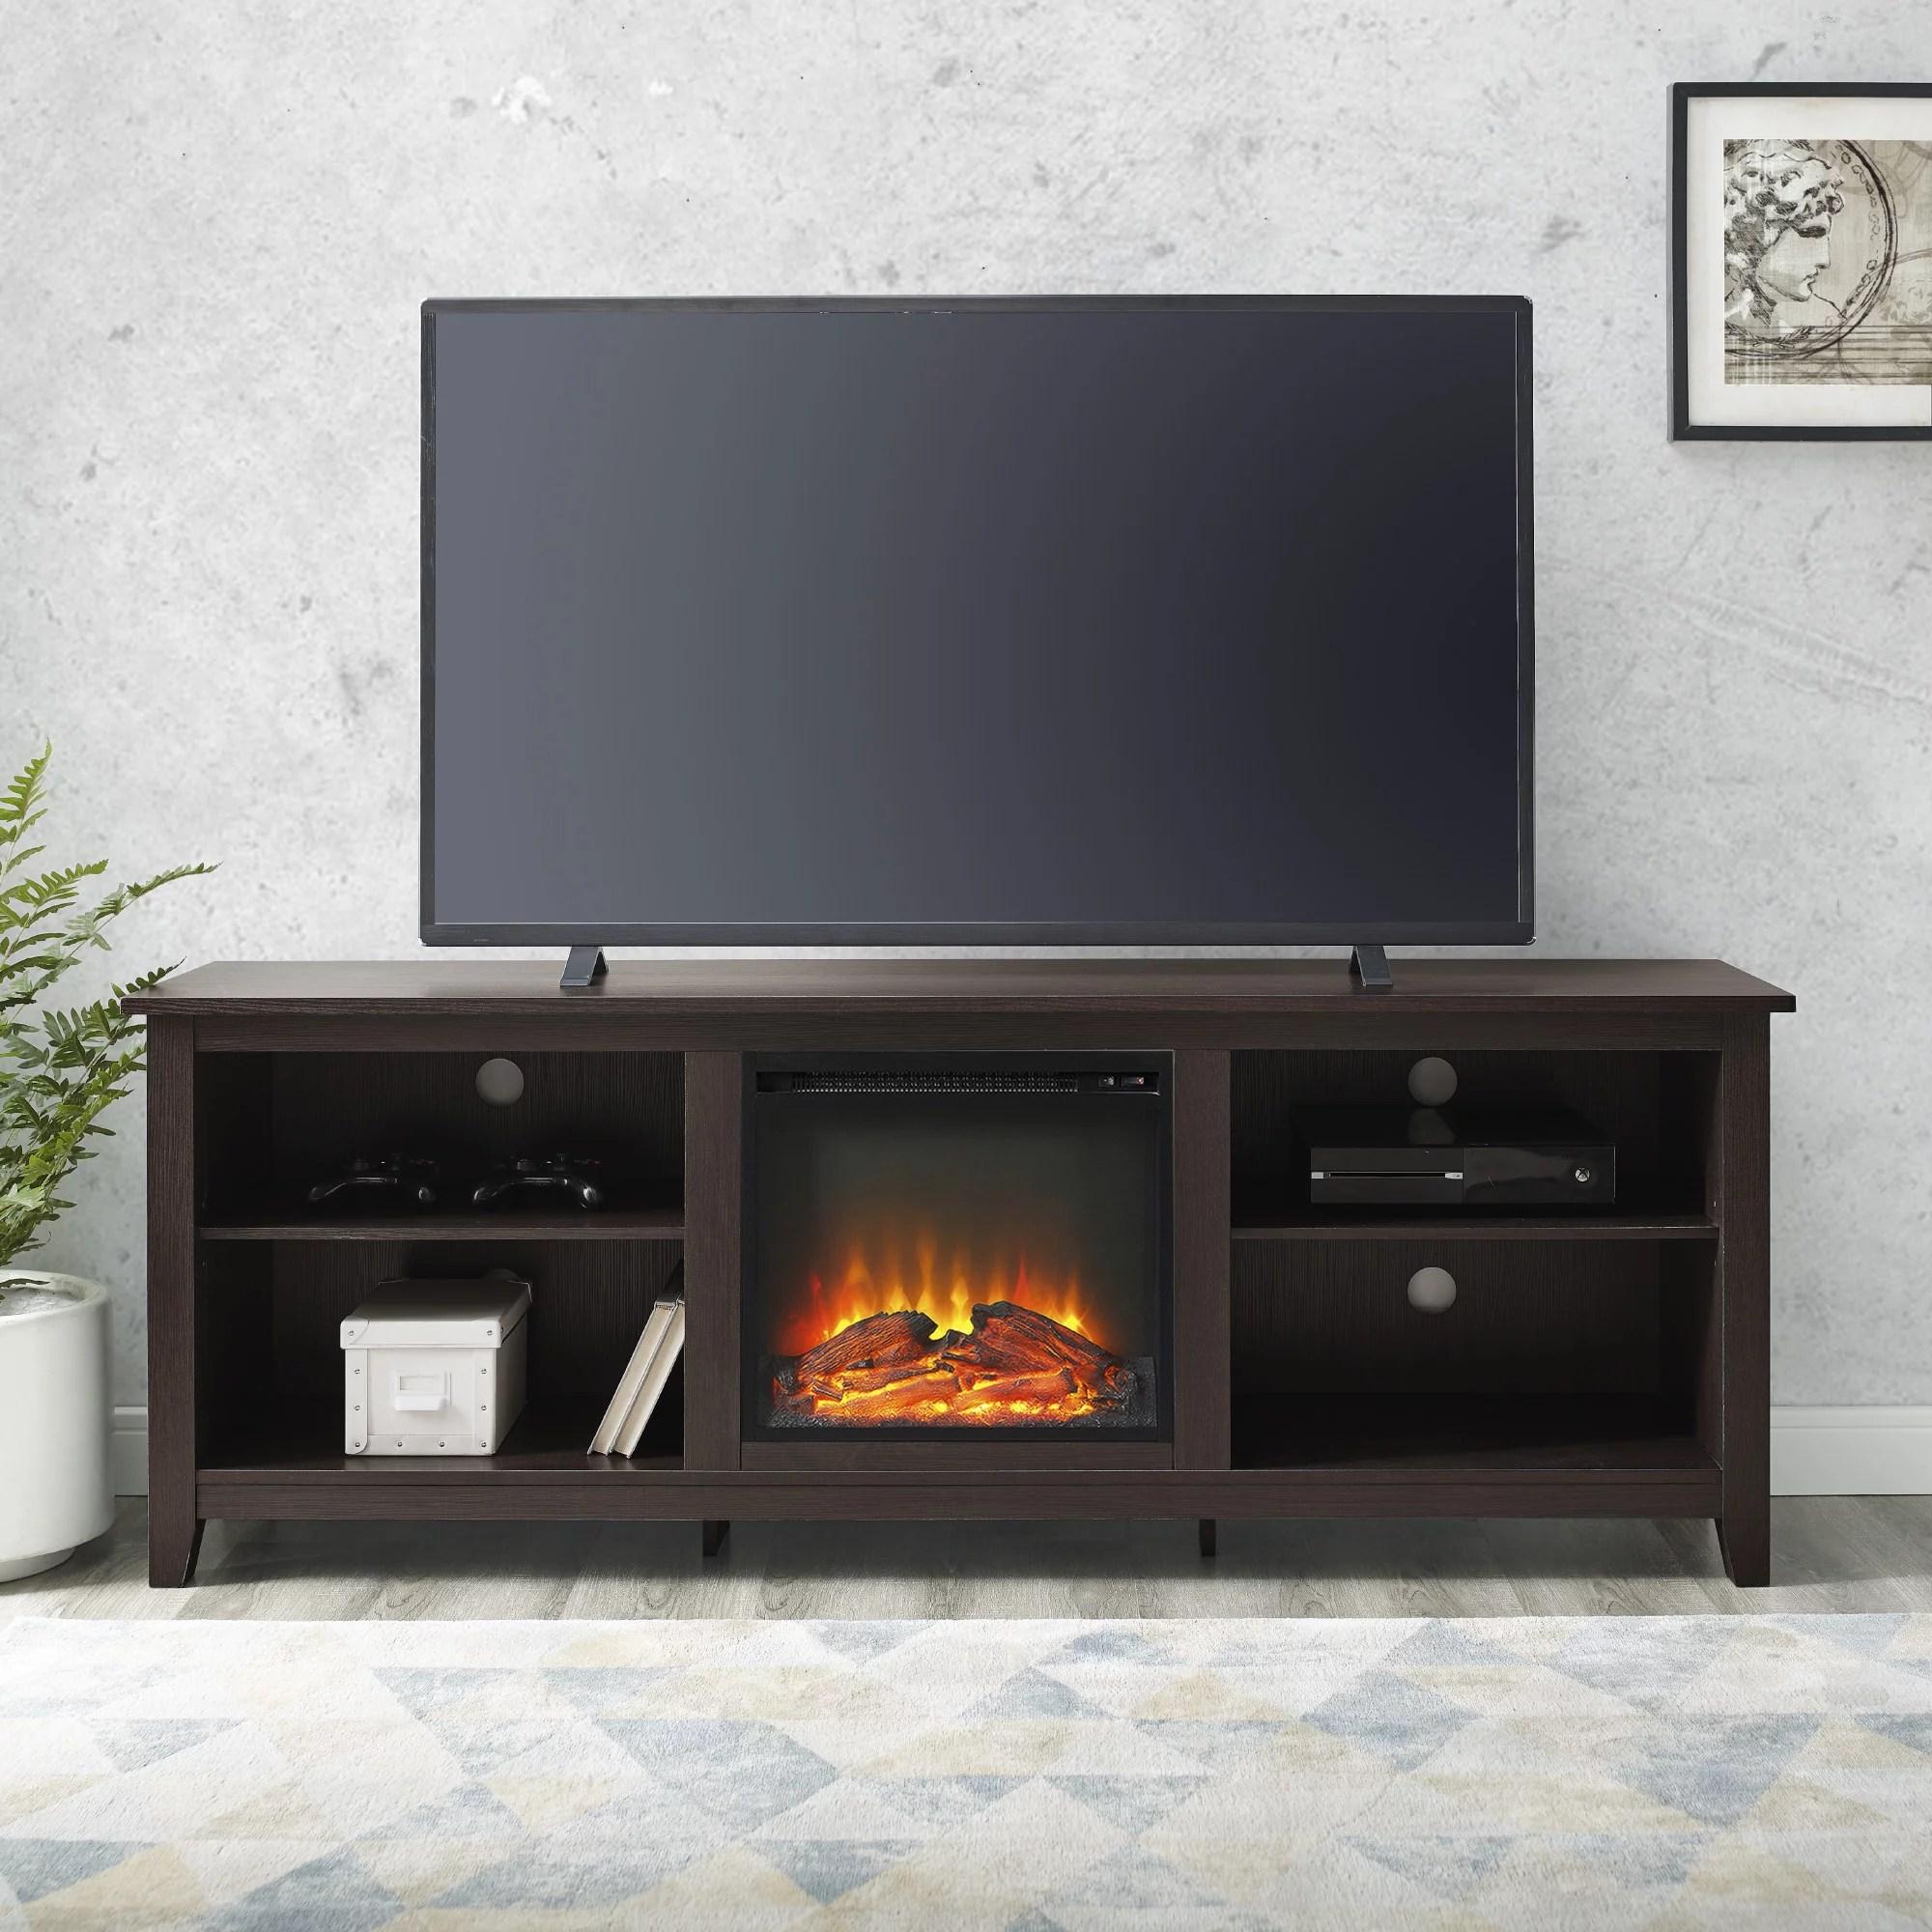 Walker Edison Traditional Fireplace Tv Stand For Tvs Up To 78 Espresso Walmart Com Walmart Com